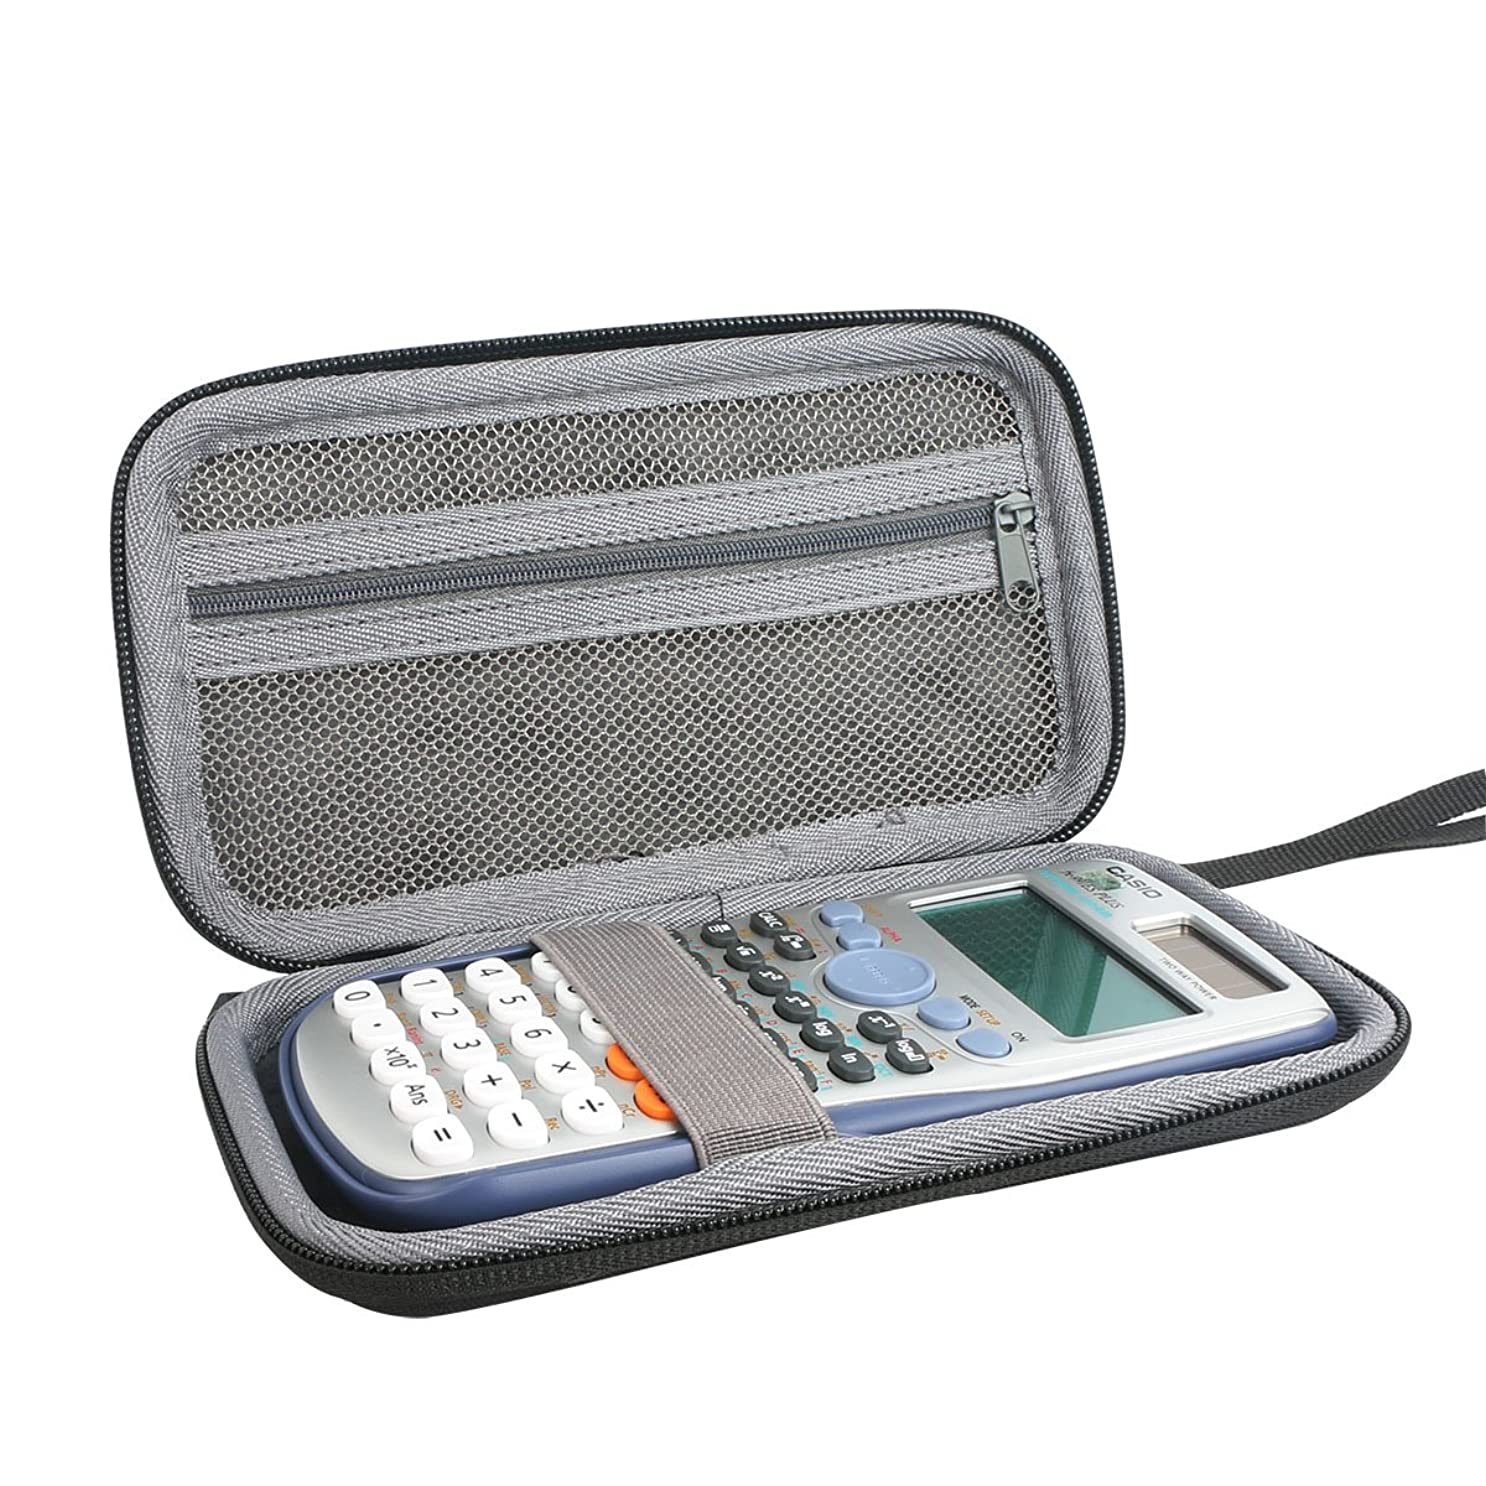 要求埋め込む文明化Casio カシオ FX-115ESPLUS FX-991ES PLUS 科学電卓 スーパー便利な ハードケースバッグ 専用旅行収納 対応 co2CREA